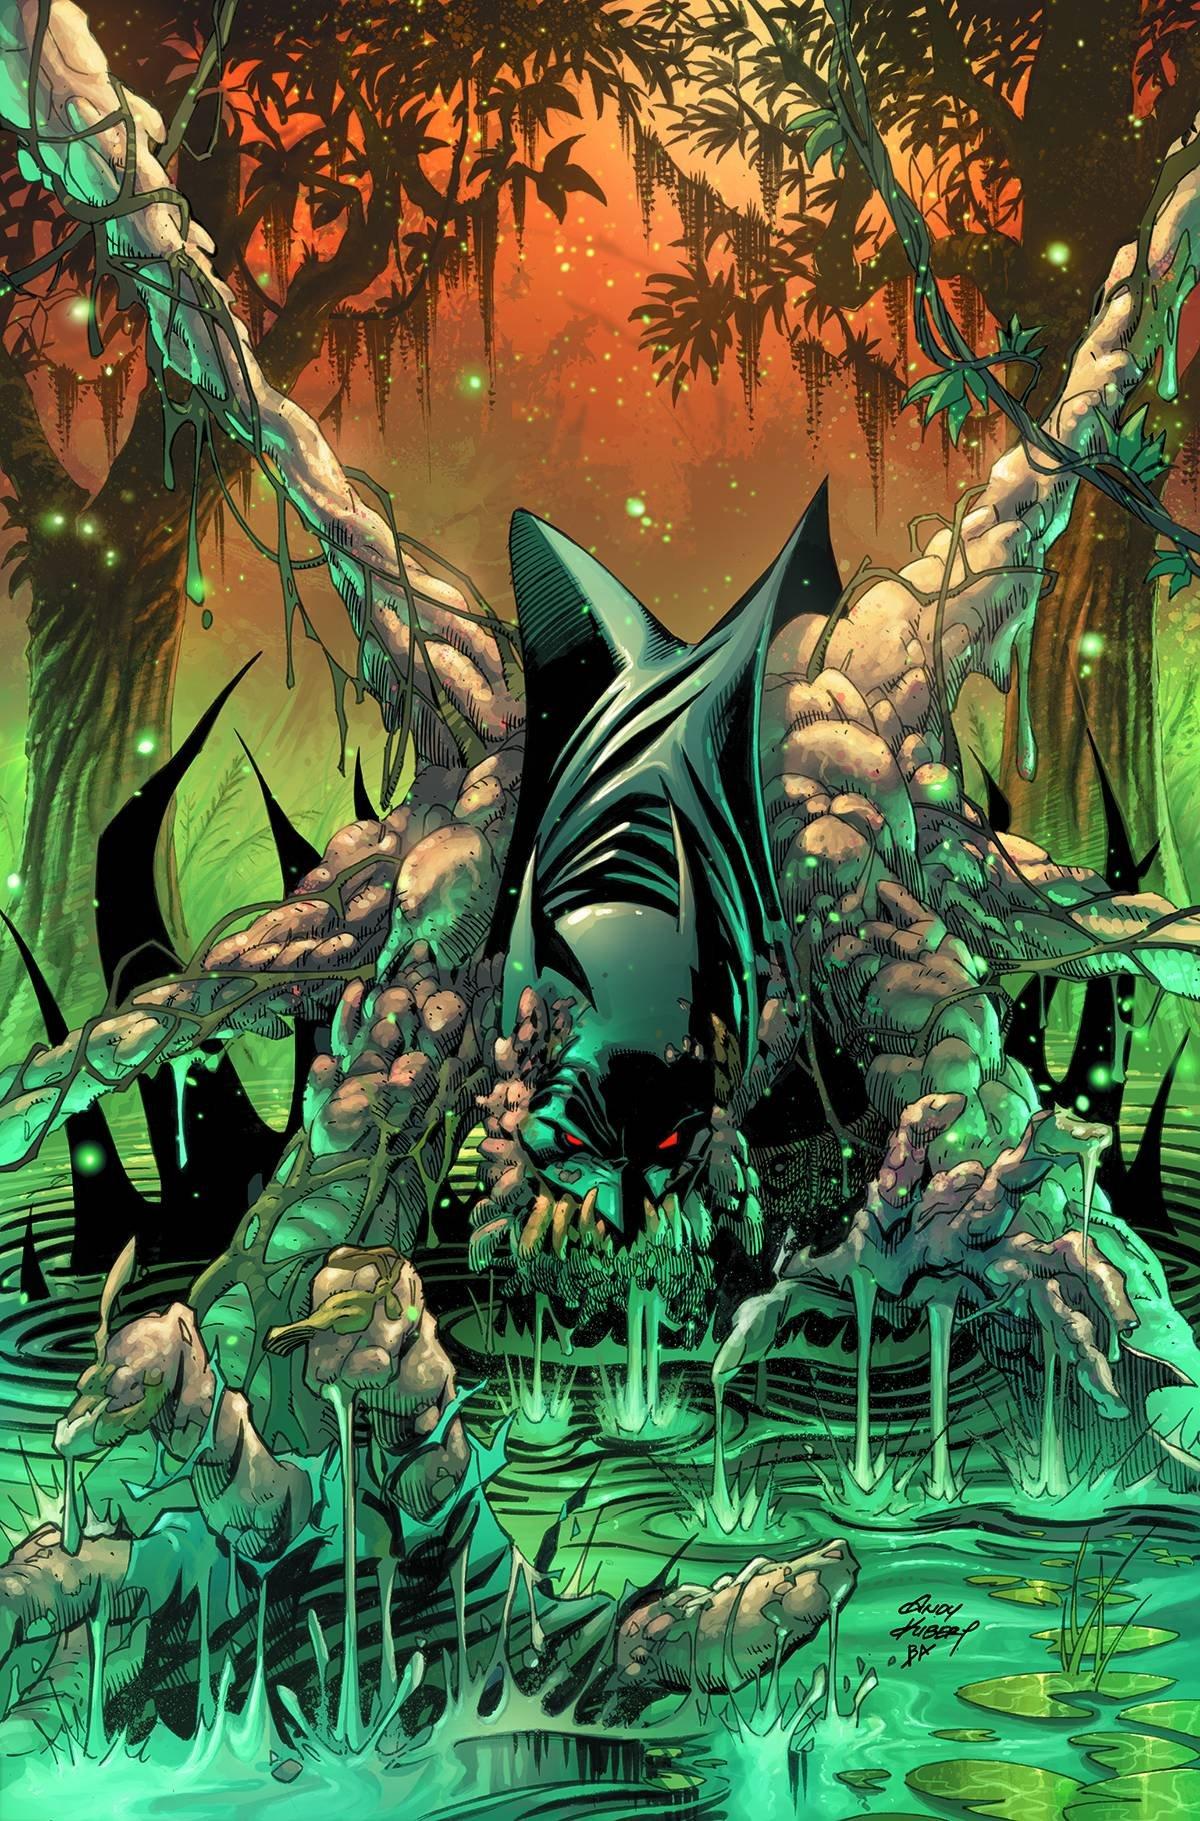 Read Online BATMAN #45 MONSTERS VAR ED ebook